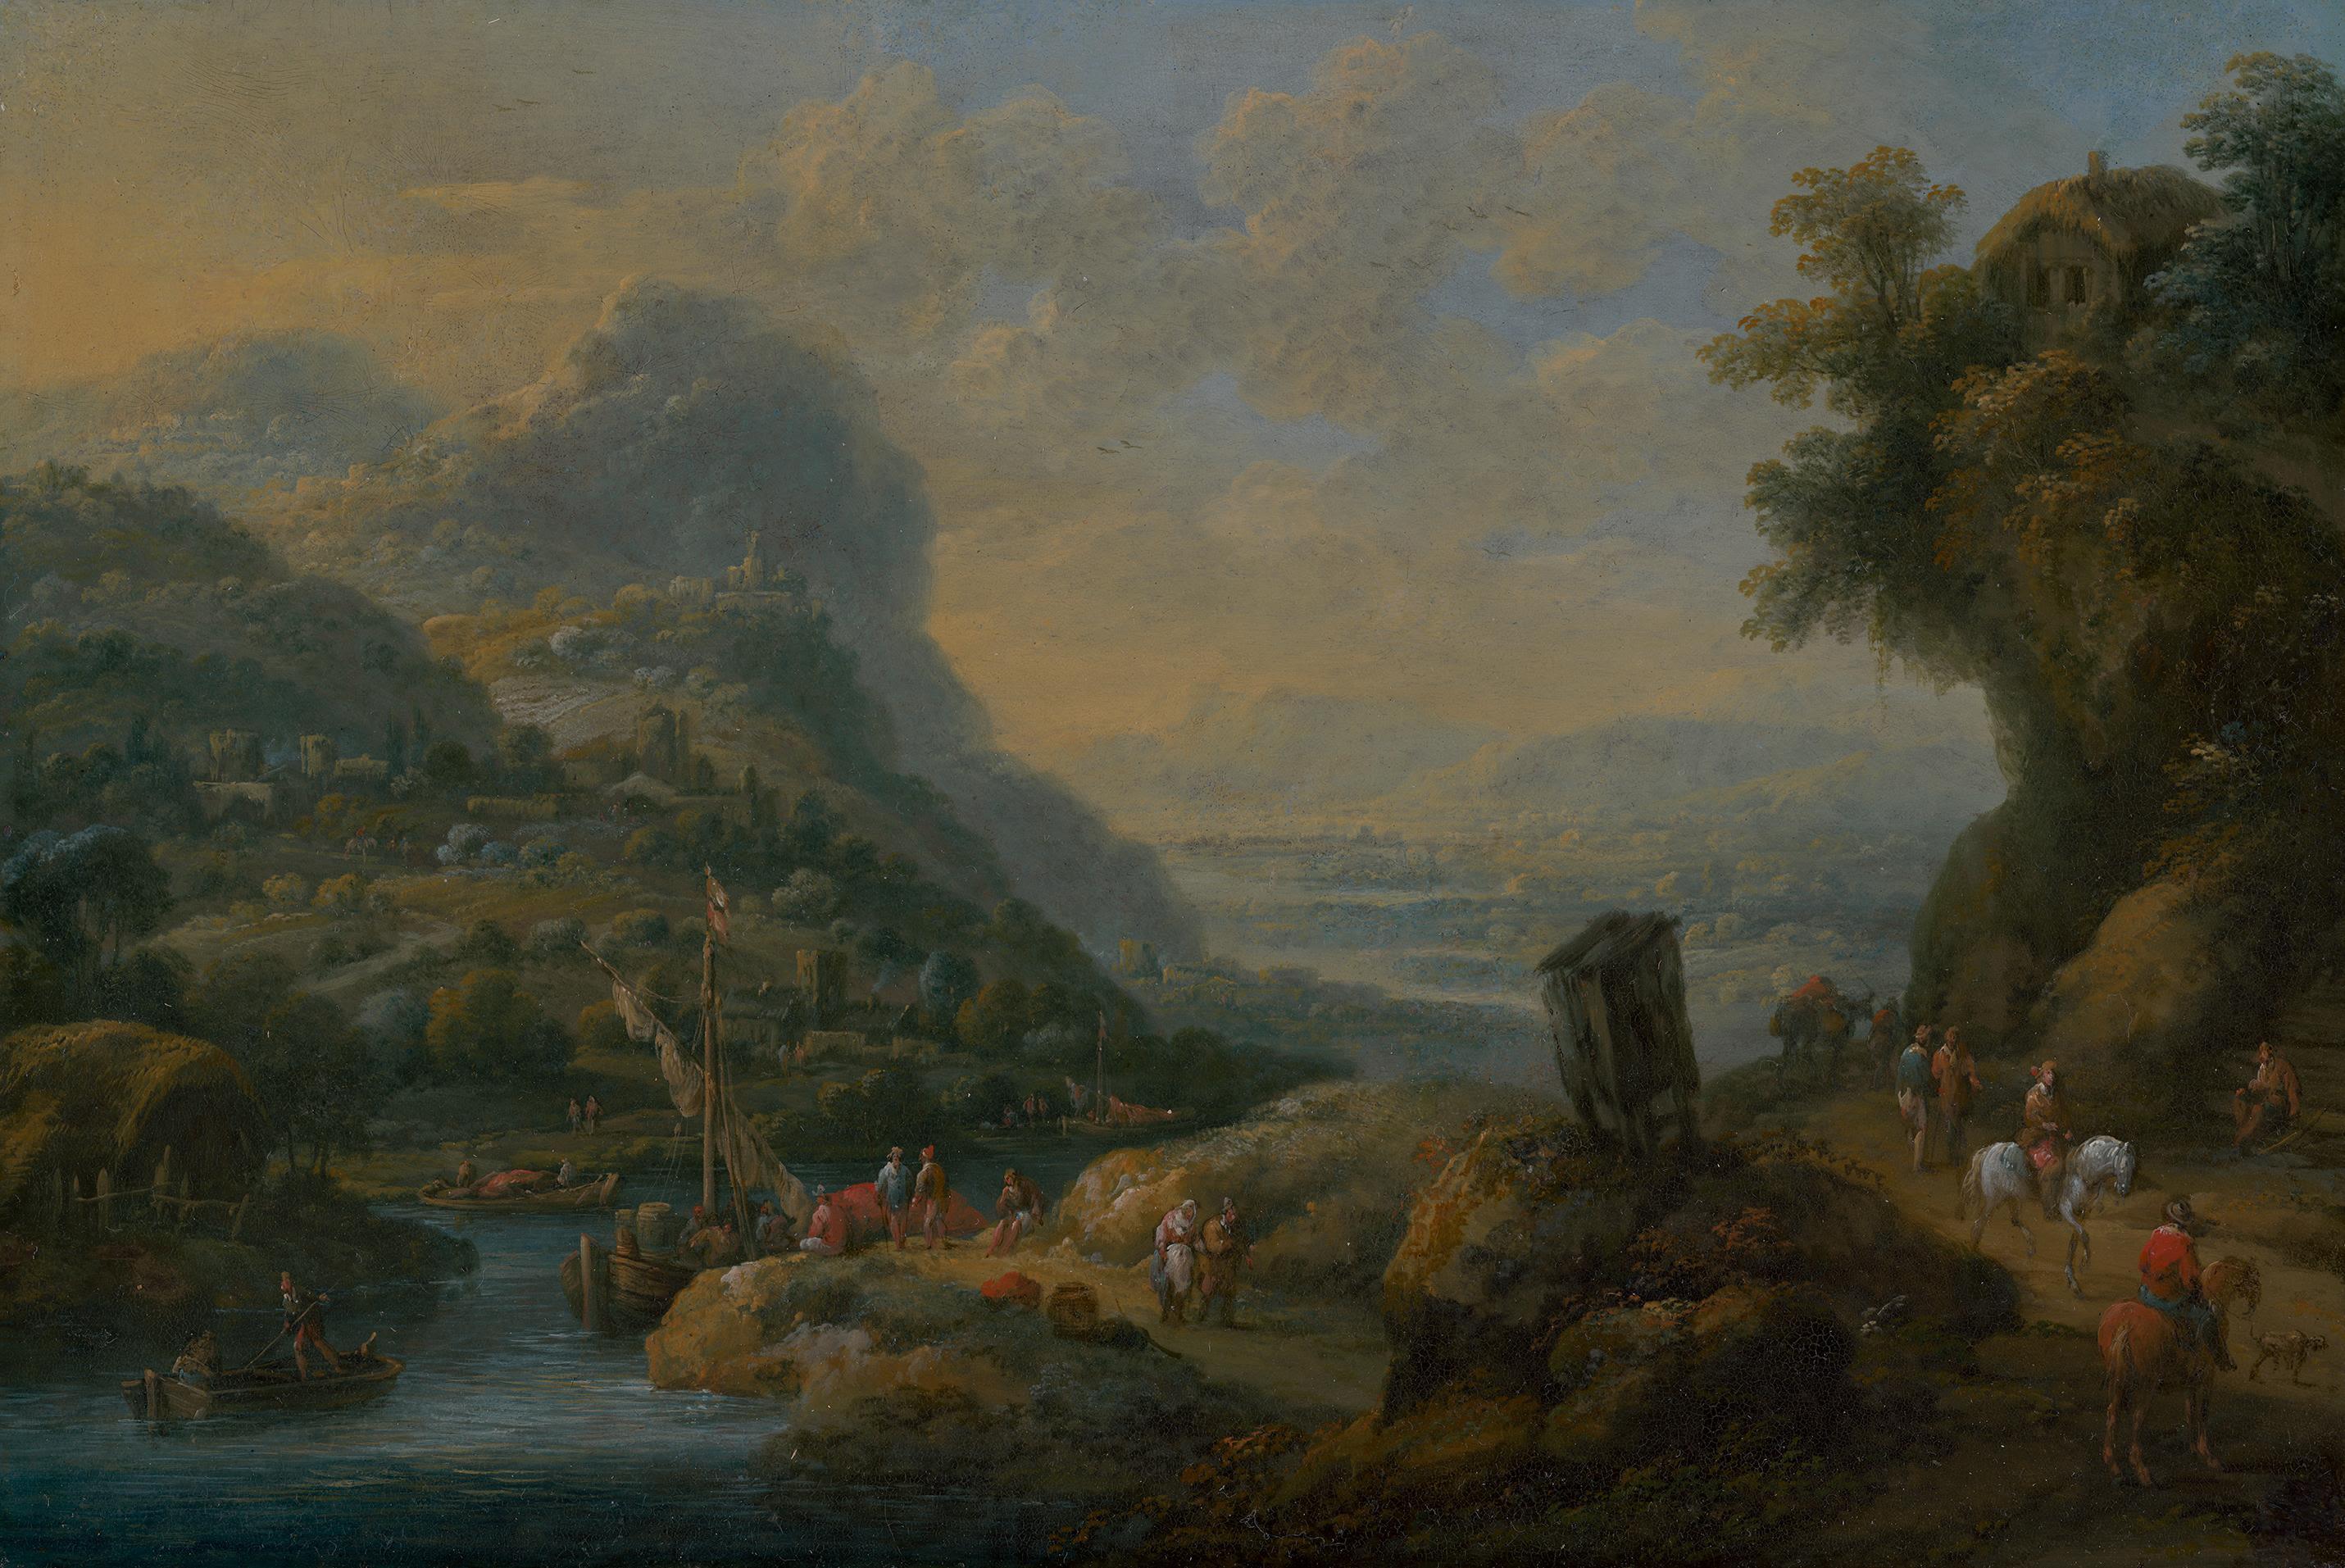 Felsige Landschaft mit Aussicht auf ein Flusstal